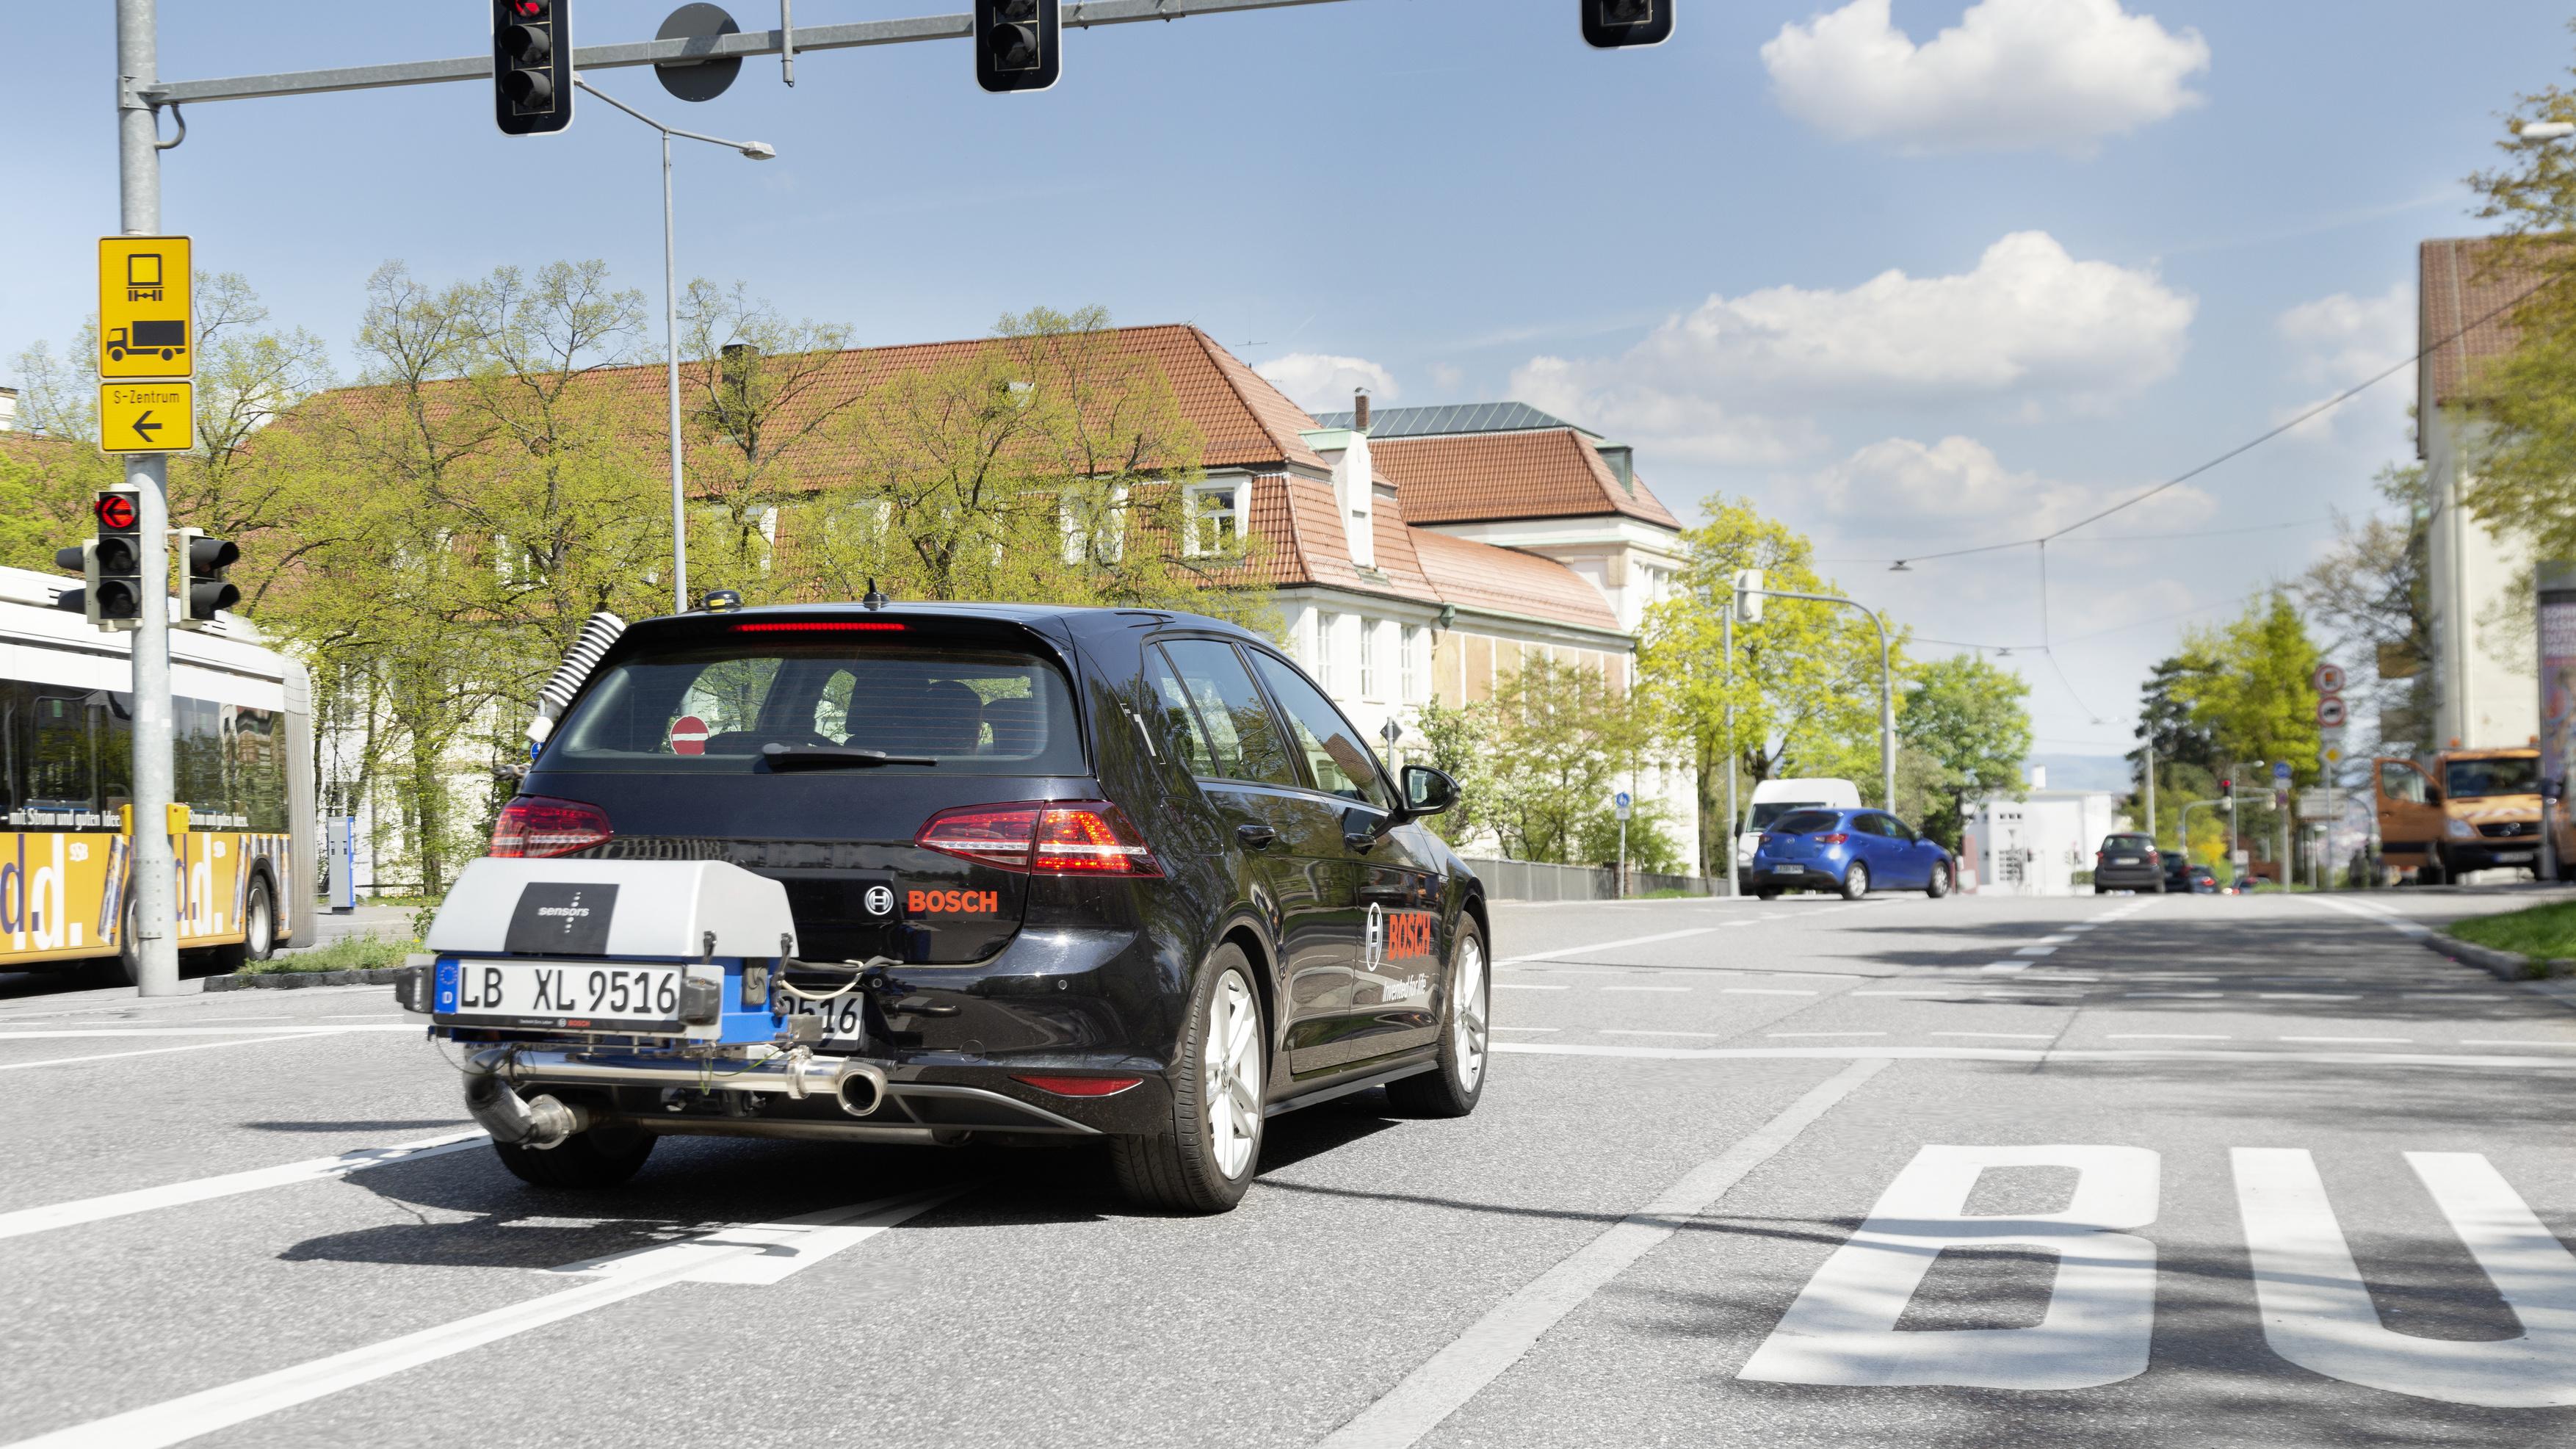 bosch_rde_city_driving1_0497261x4084_print_300_dpi